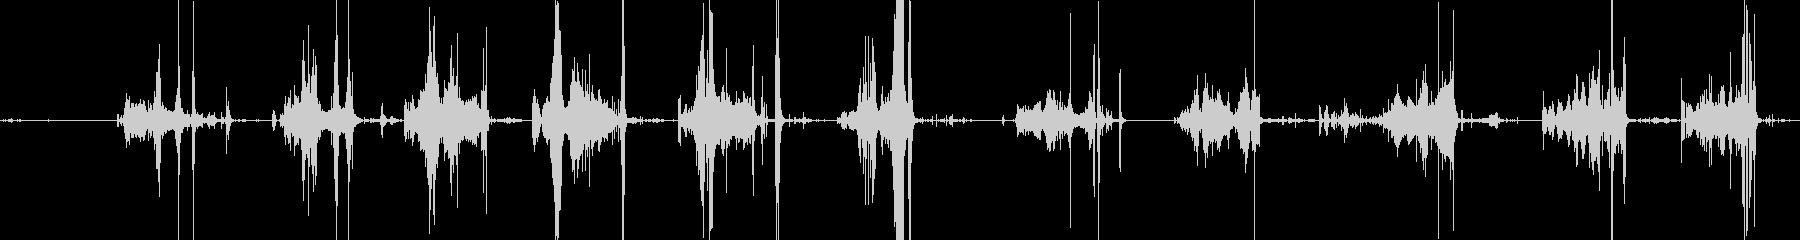 スイカを切る音の未再生の波形